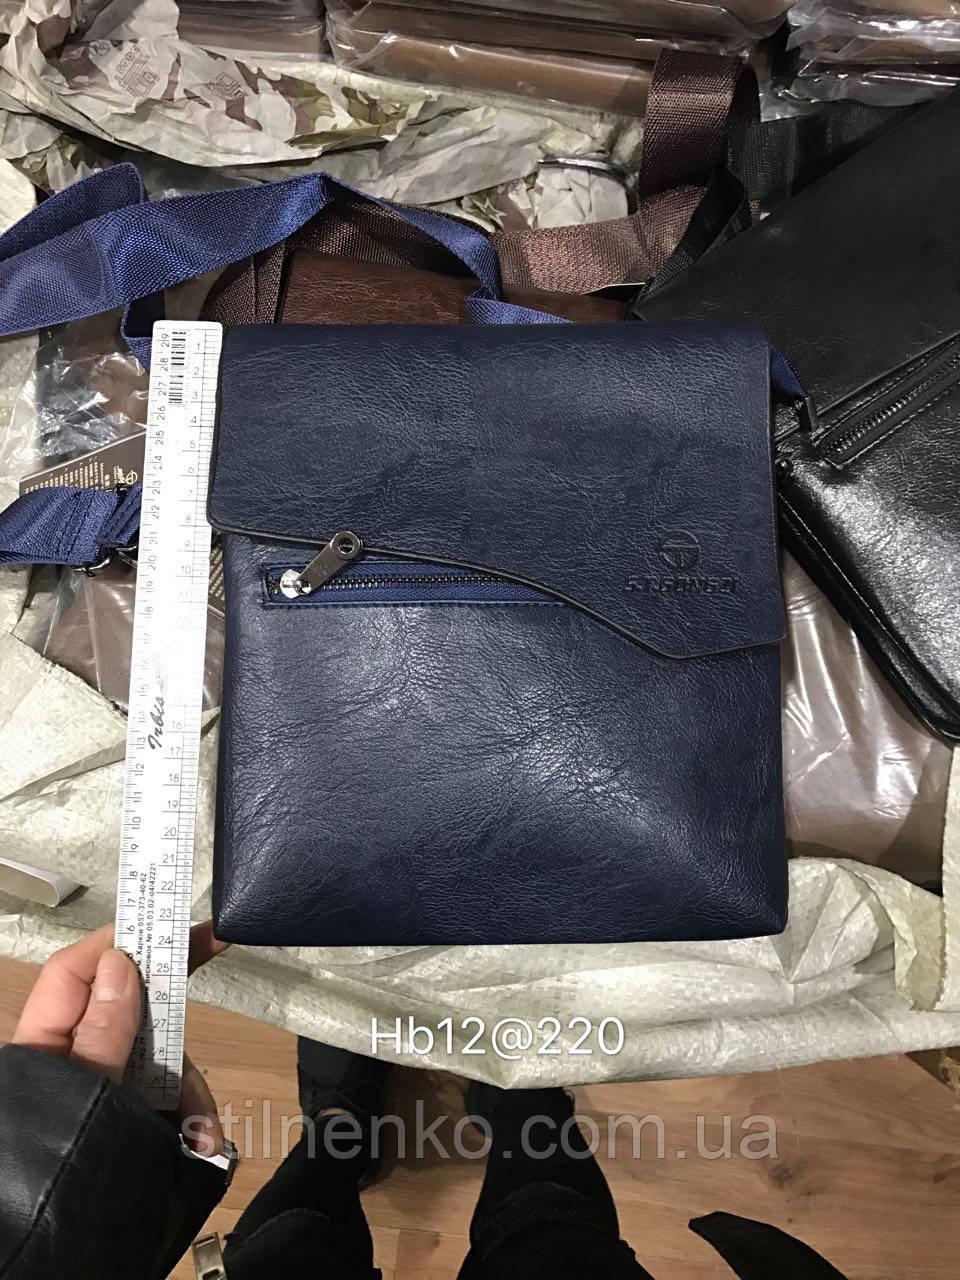 Чоловіча сумка HB 12